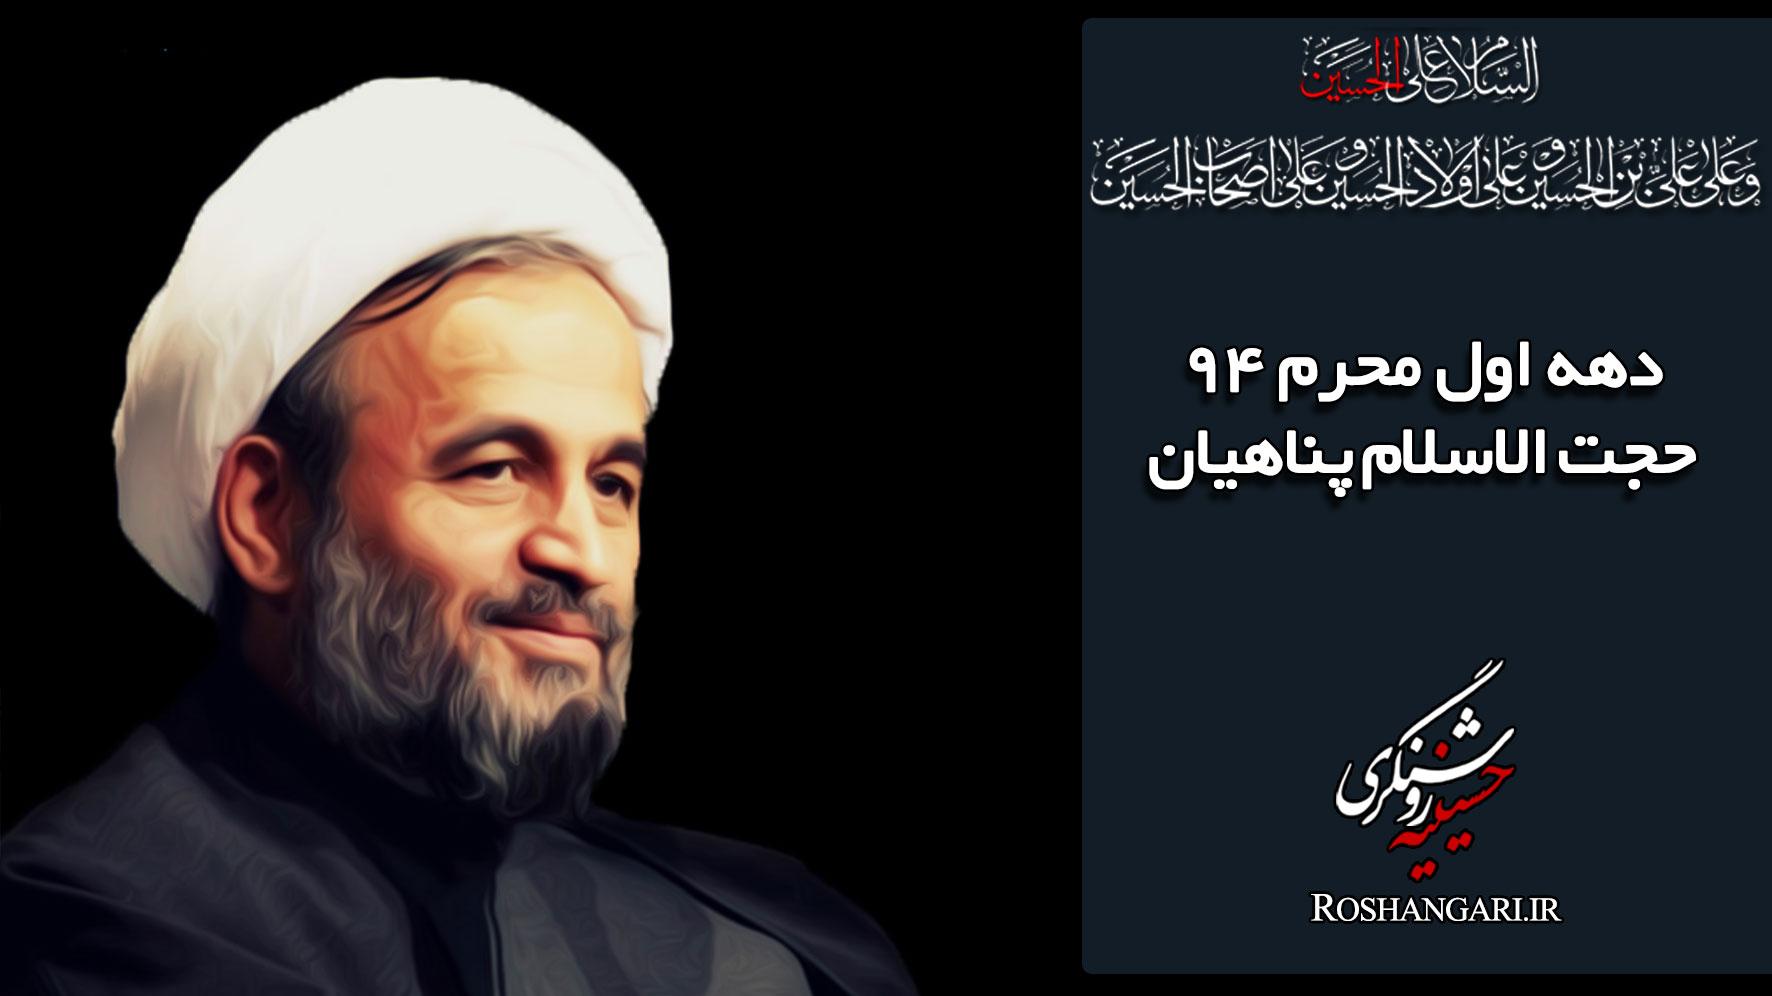 سخنرانی شب چهارم محرم 94 | حجت الاسلام پناهیان